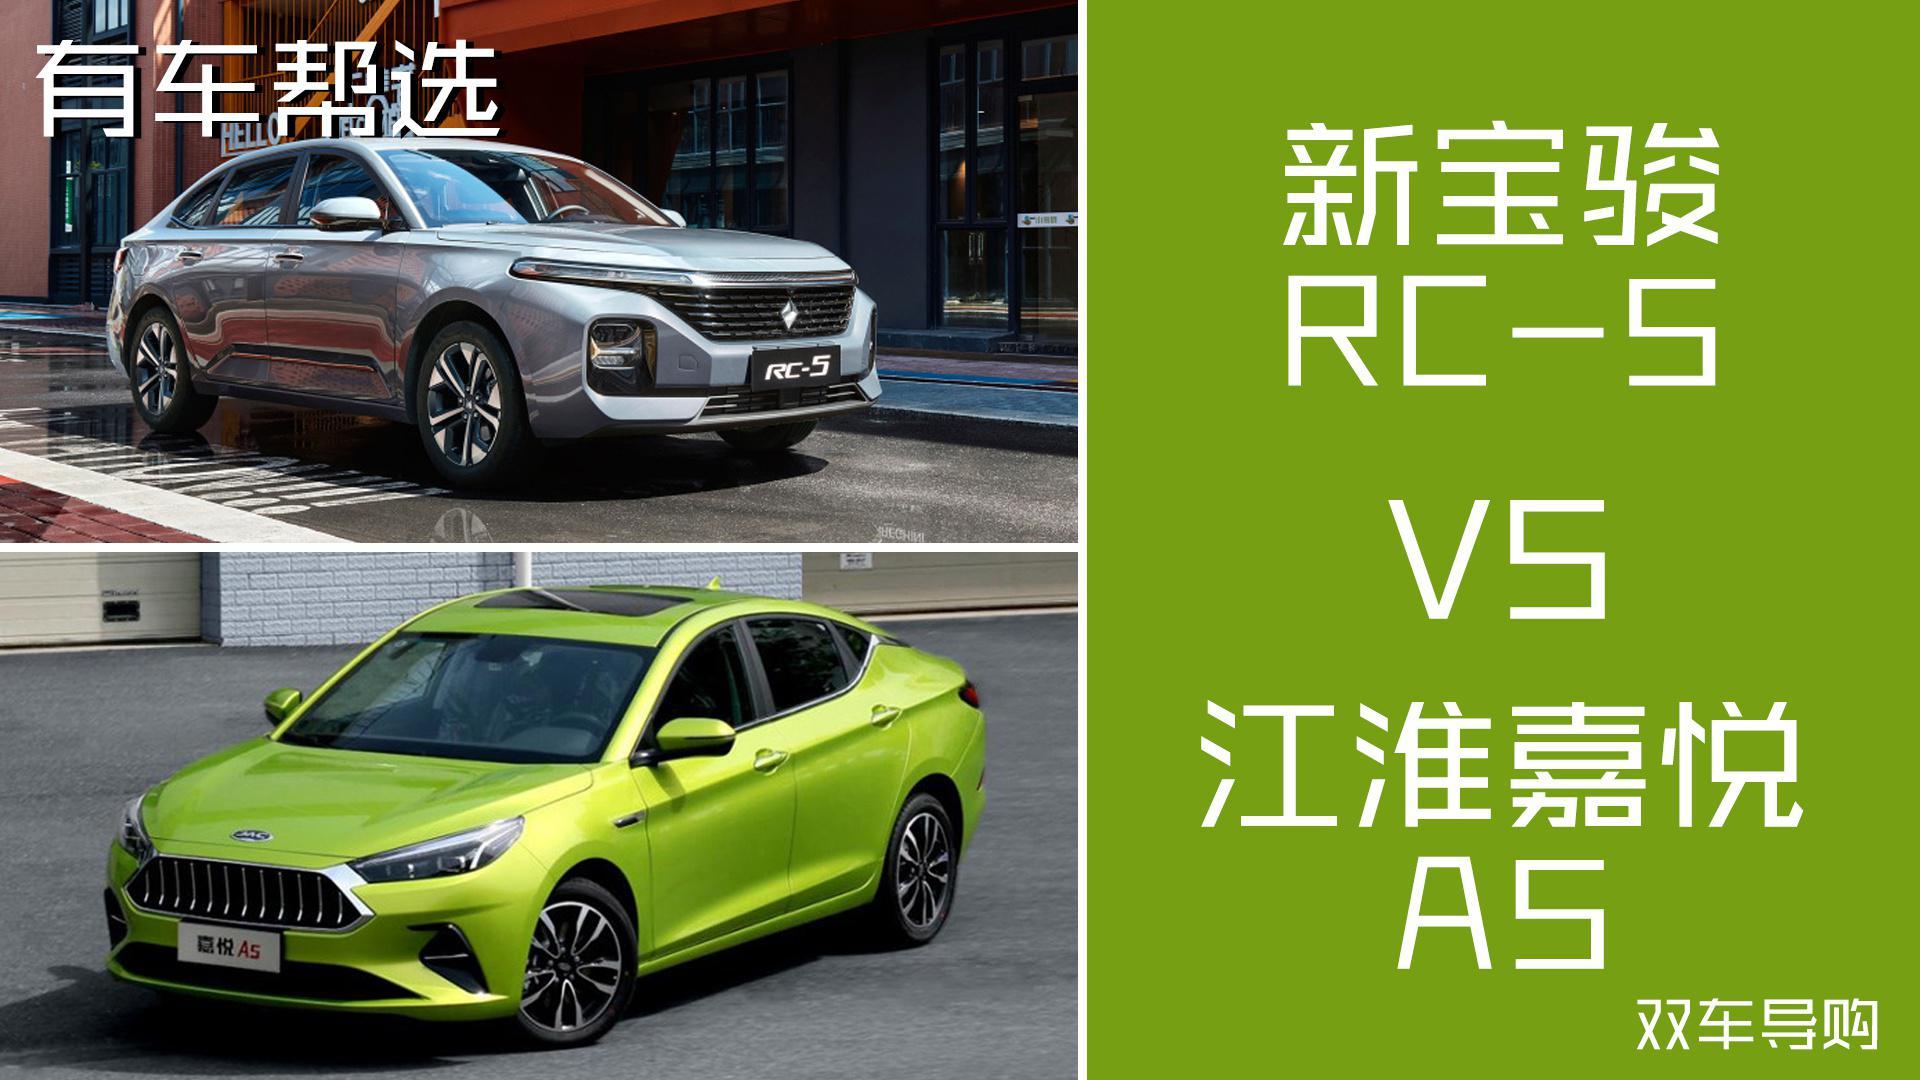 富有性价比的国产轿车新宝骏RC-5和江淮嘉悦A5